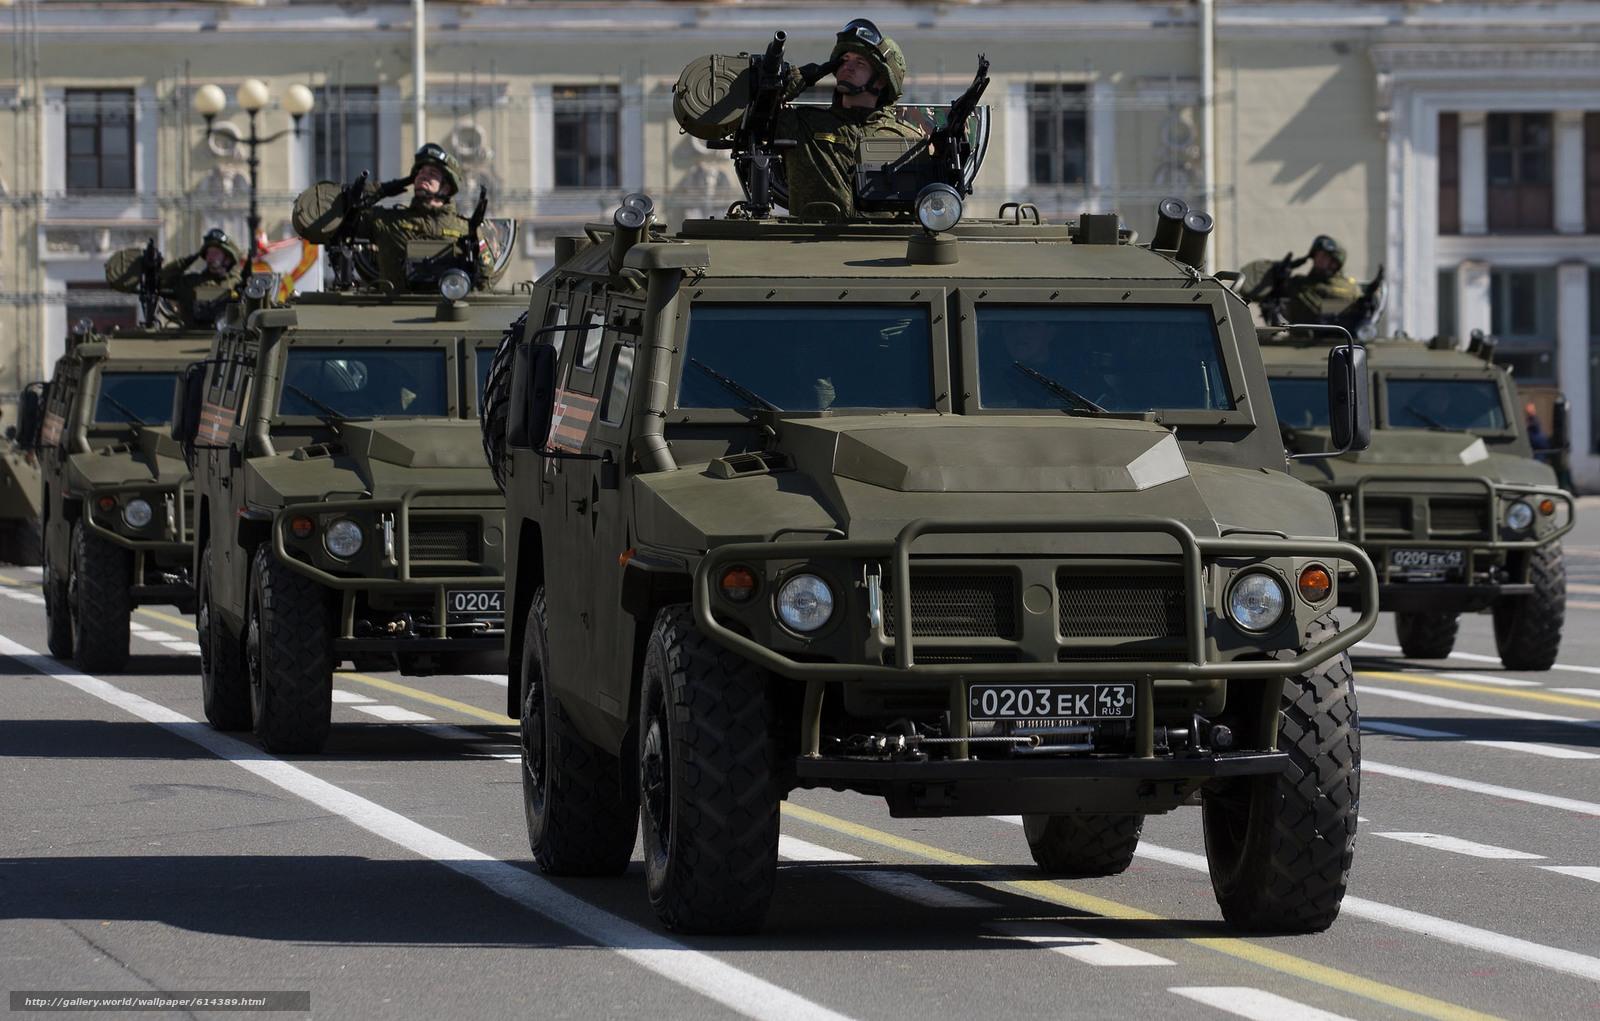 ГАЗ, 2330, Тигр, Россия, российский, многоцелевой, автомобиль, повышенной, проходимости, бронеавтомобиль, солдат, армия, оружие, машина